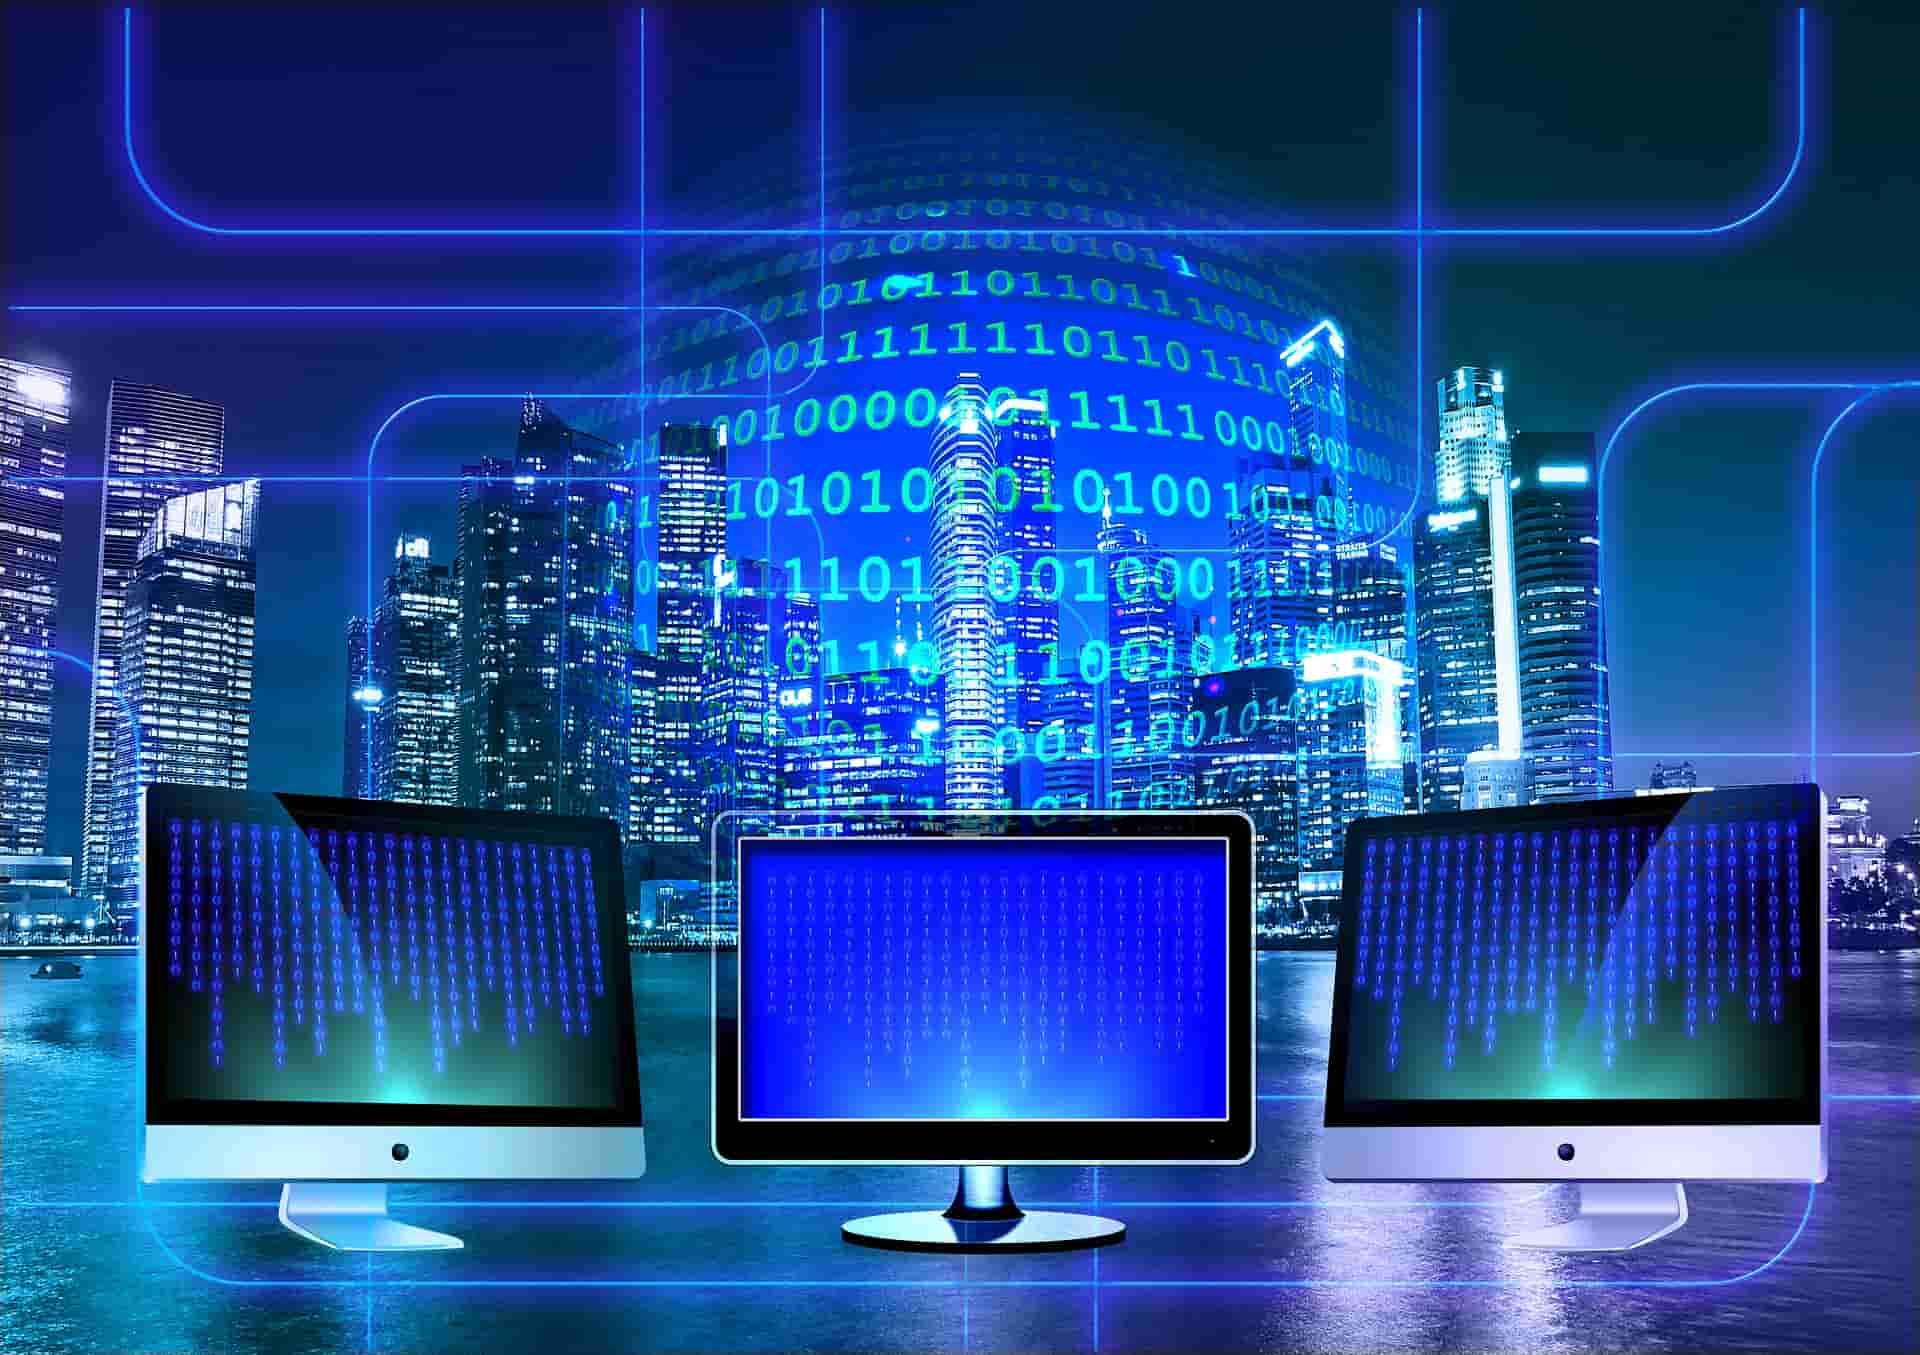 זכויות יוצרים באינטרנט | לשון הרע באינטרנט | הפרת זכויות יוצרים באינטרנט